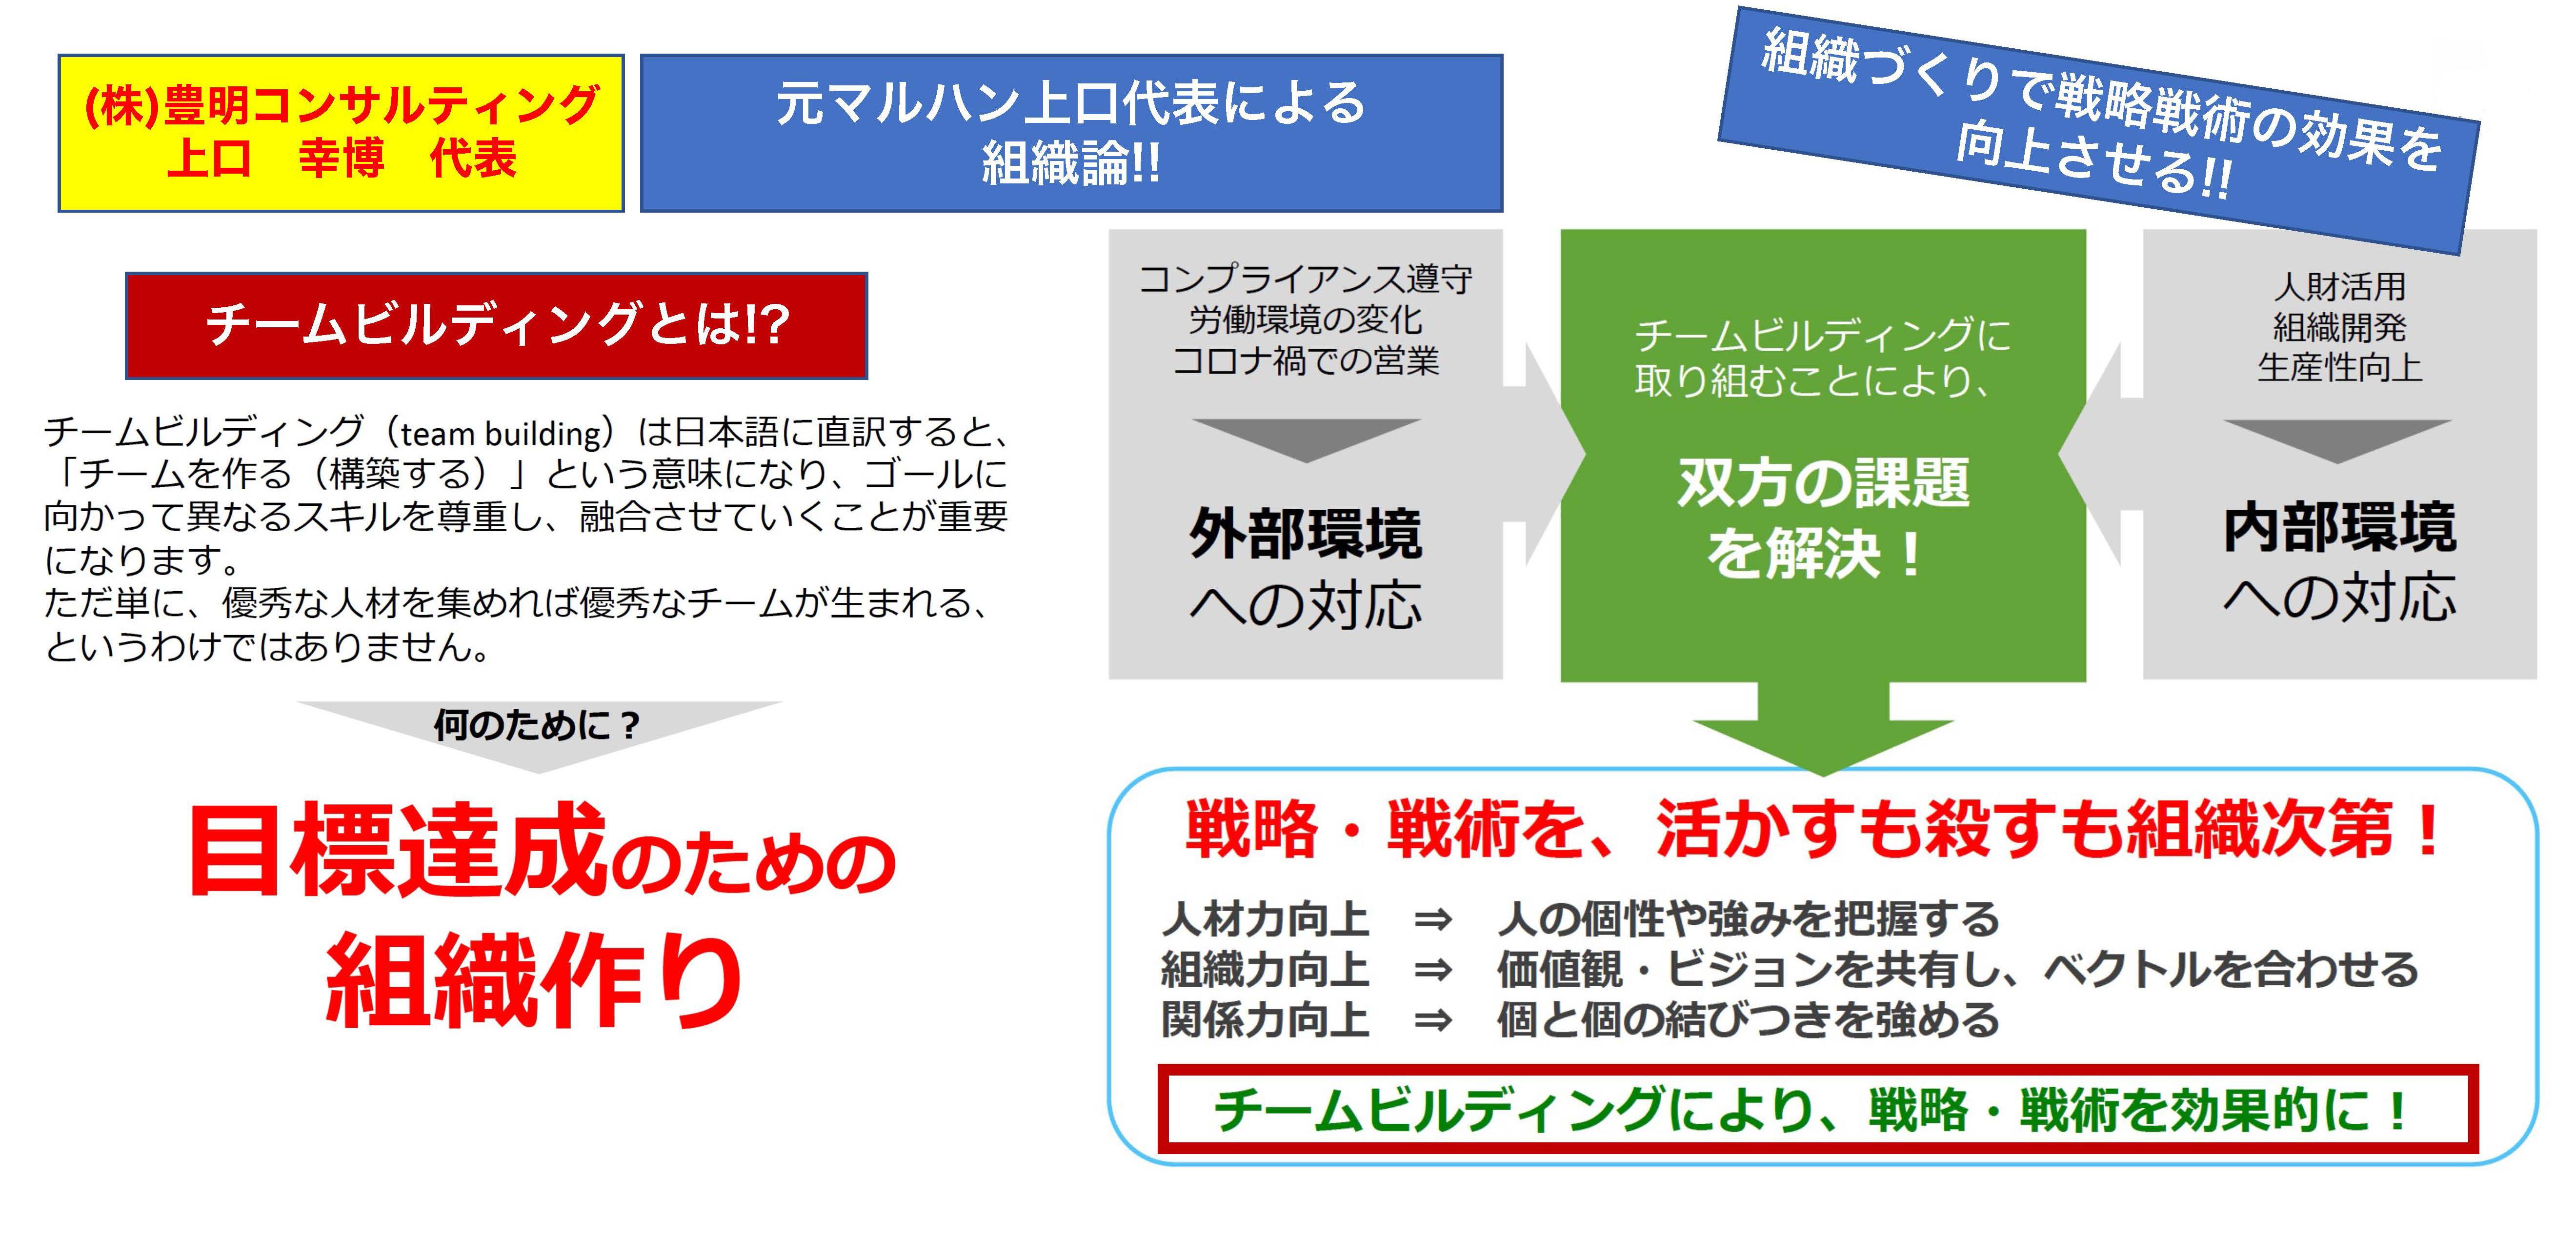 20210327中嶋塾ダイジェスト_ページ_09